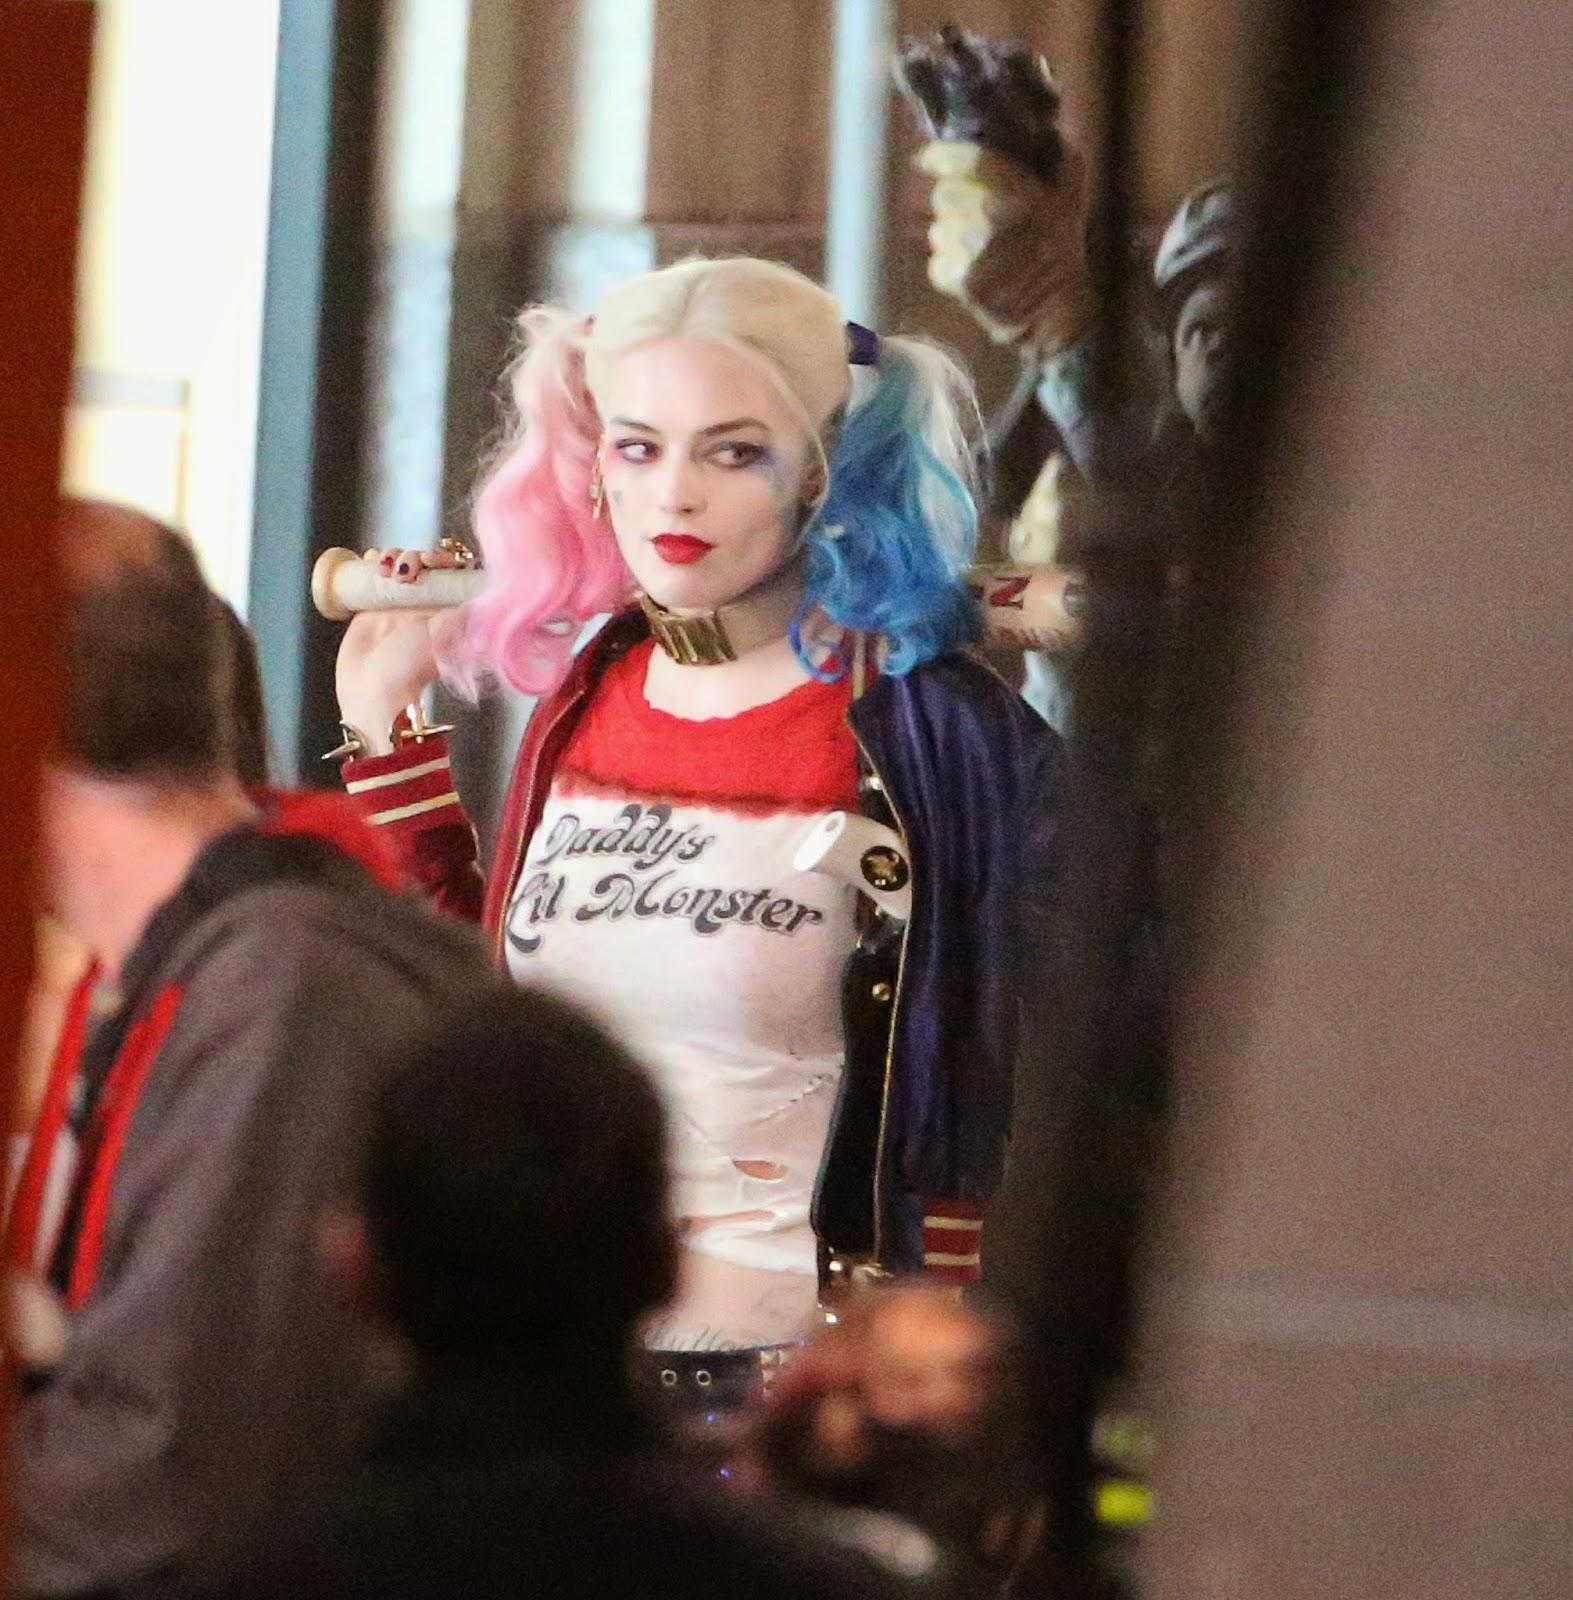 Margot Robbie As Harley Quinn With Bat And Tattoos In 39 Suicide Squad 39 Set Photos El objetivo no es otro que el de garantizar la salud de nuestros clientes y el de nuestros. spartantown net